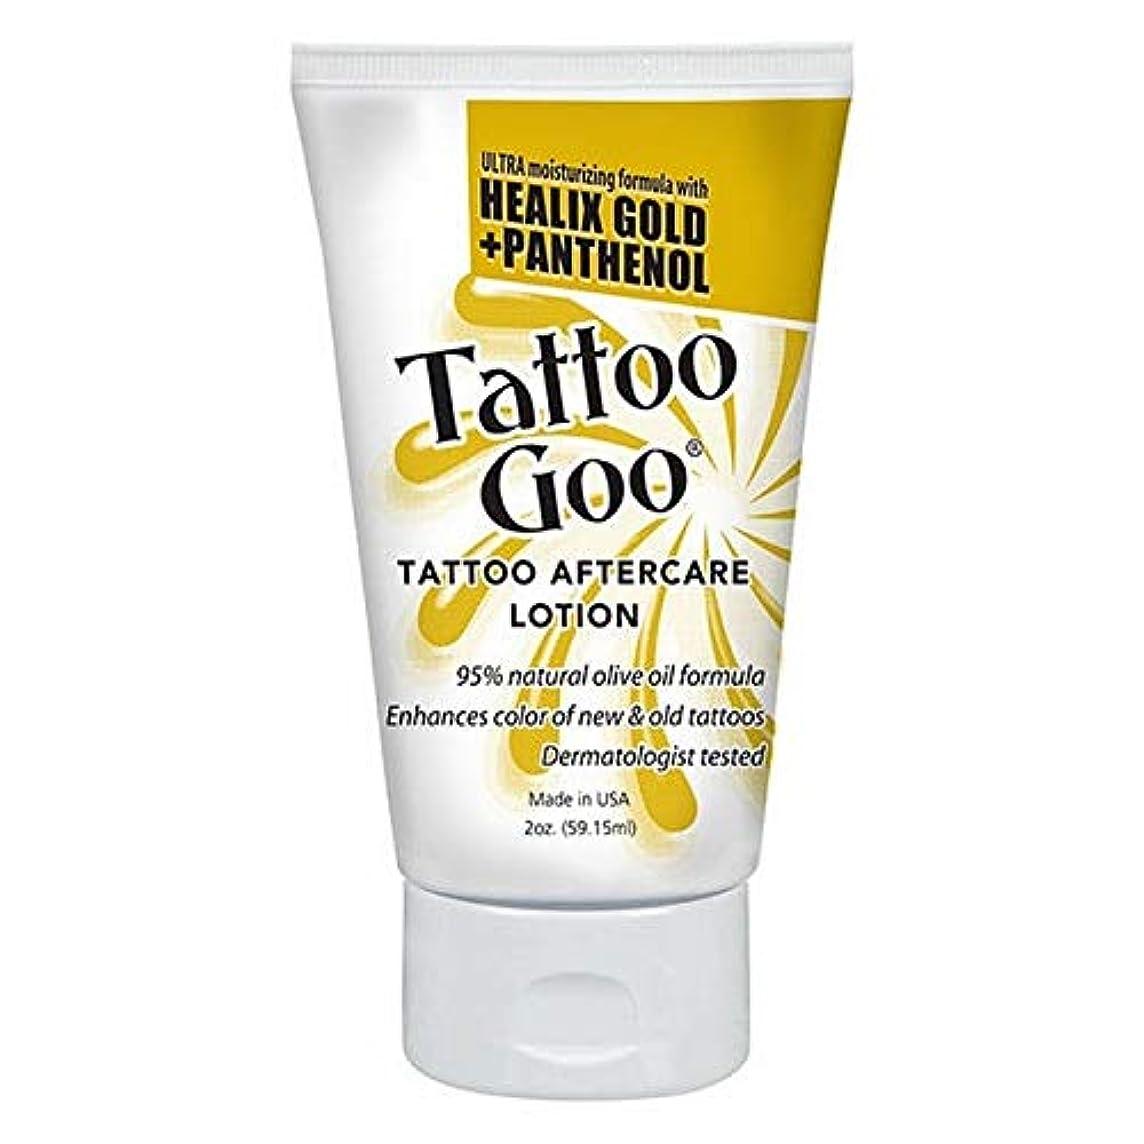 深くサスペンドジャグリング[Tattoo Goo ] タトゥーグー?ローションとHealix金及びパンテノールの2オンス - Tattoo Goo ? Lotion and Healix Gold and Panthenol 2oz [並行輸入品]